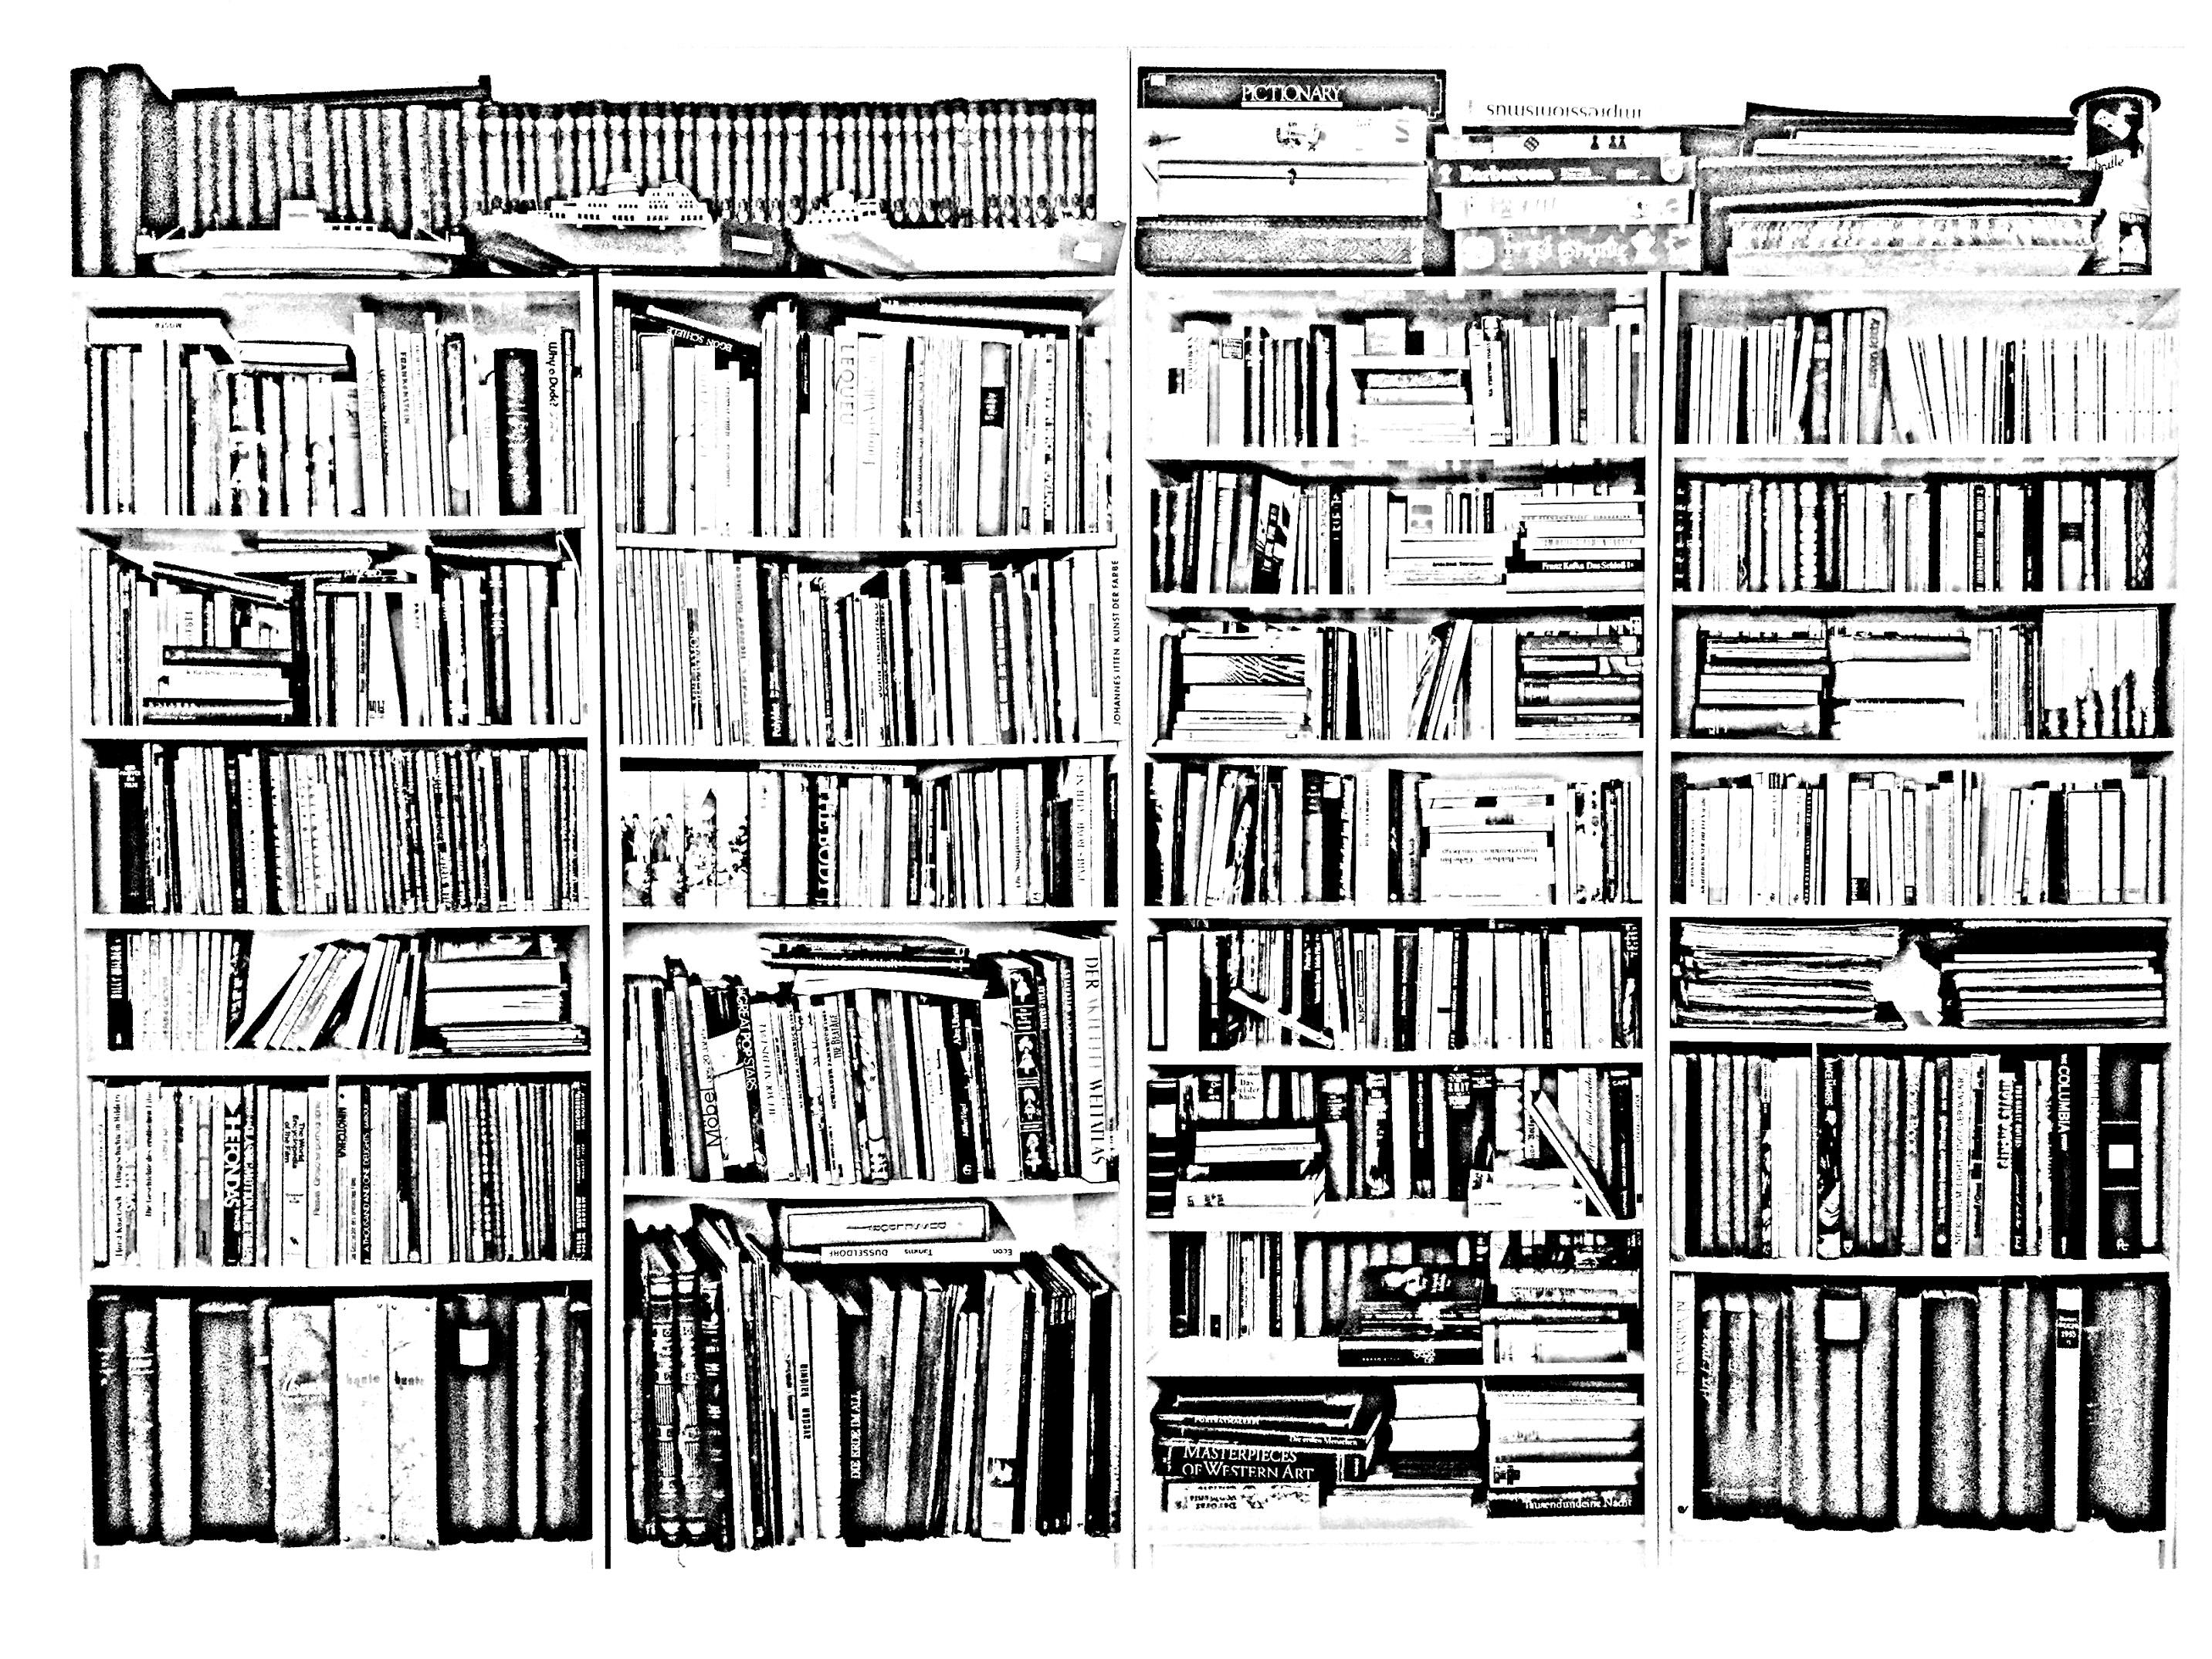 Coloriage d'une bibliothèque créé à partir d'une photo de Hans-Peter Feldmann : 'Bookshelves' (1941)